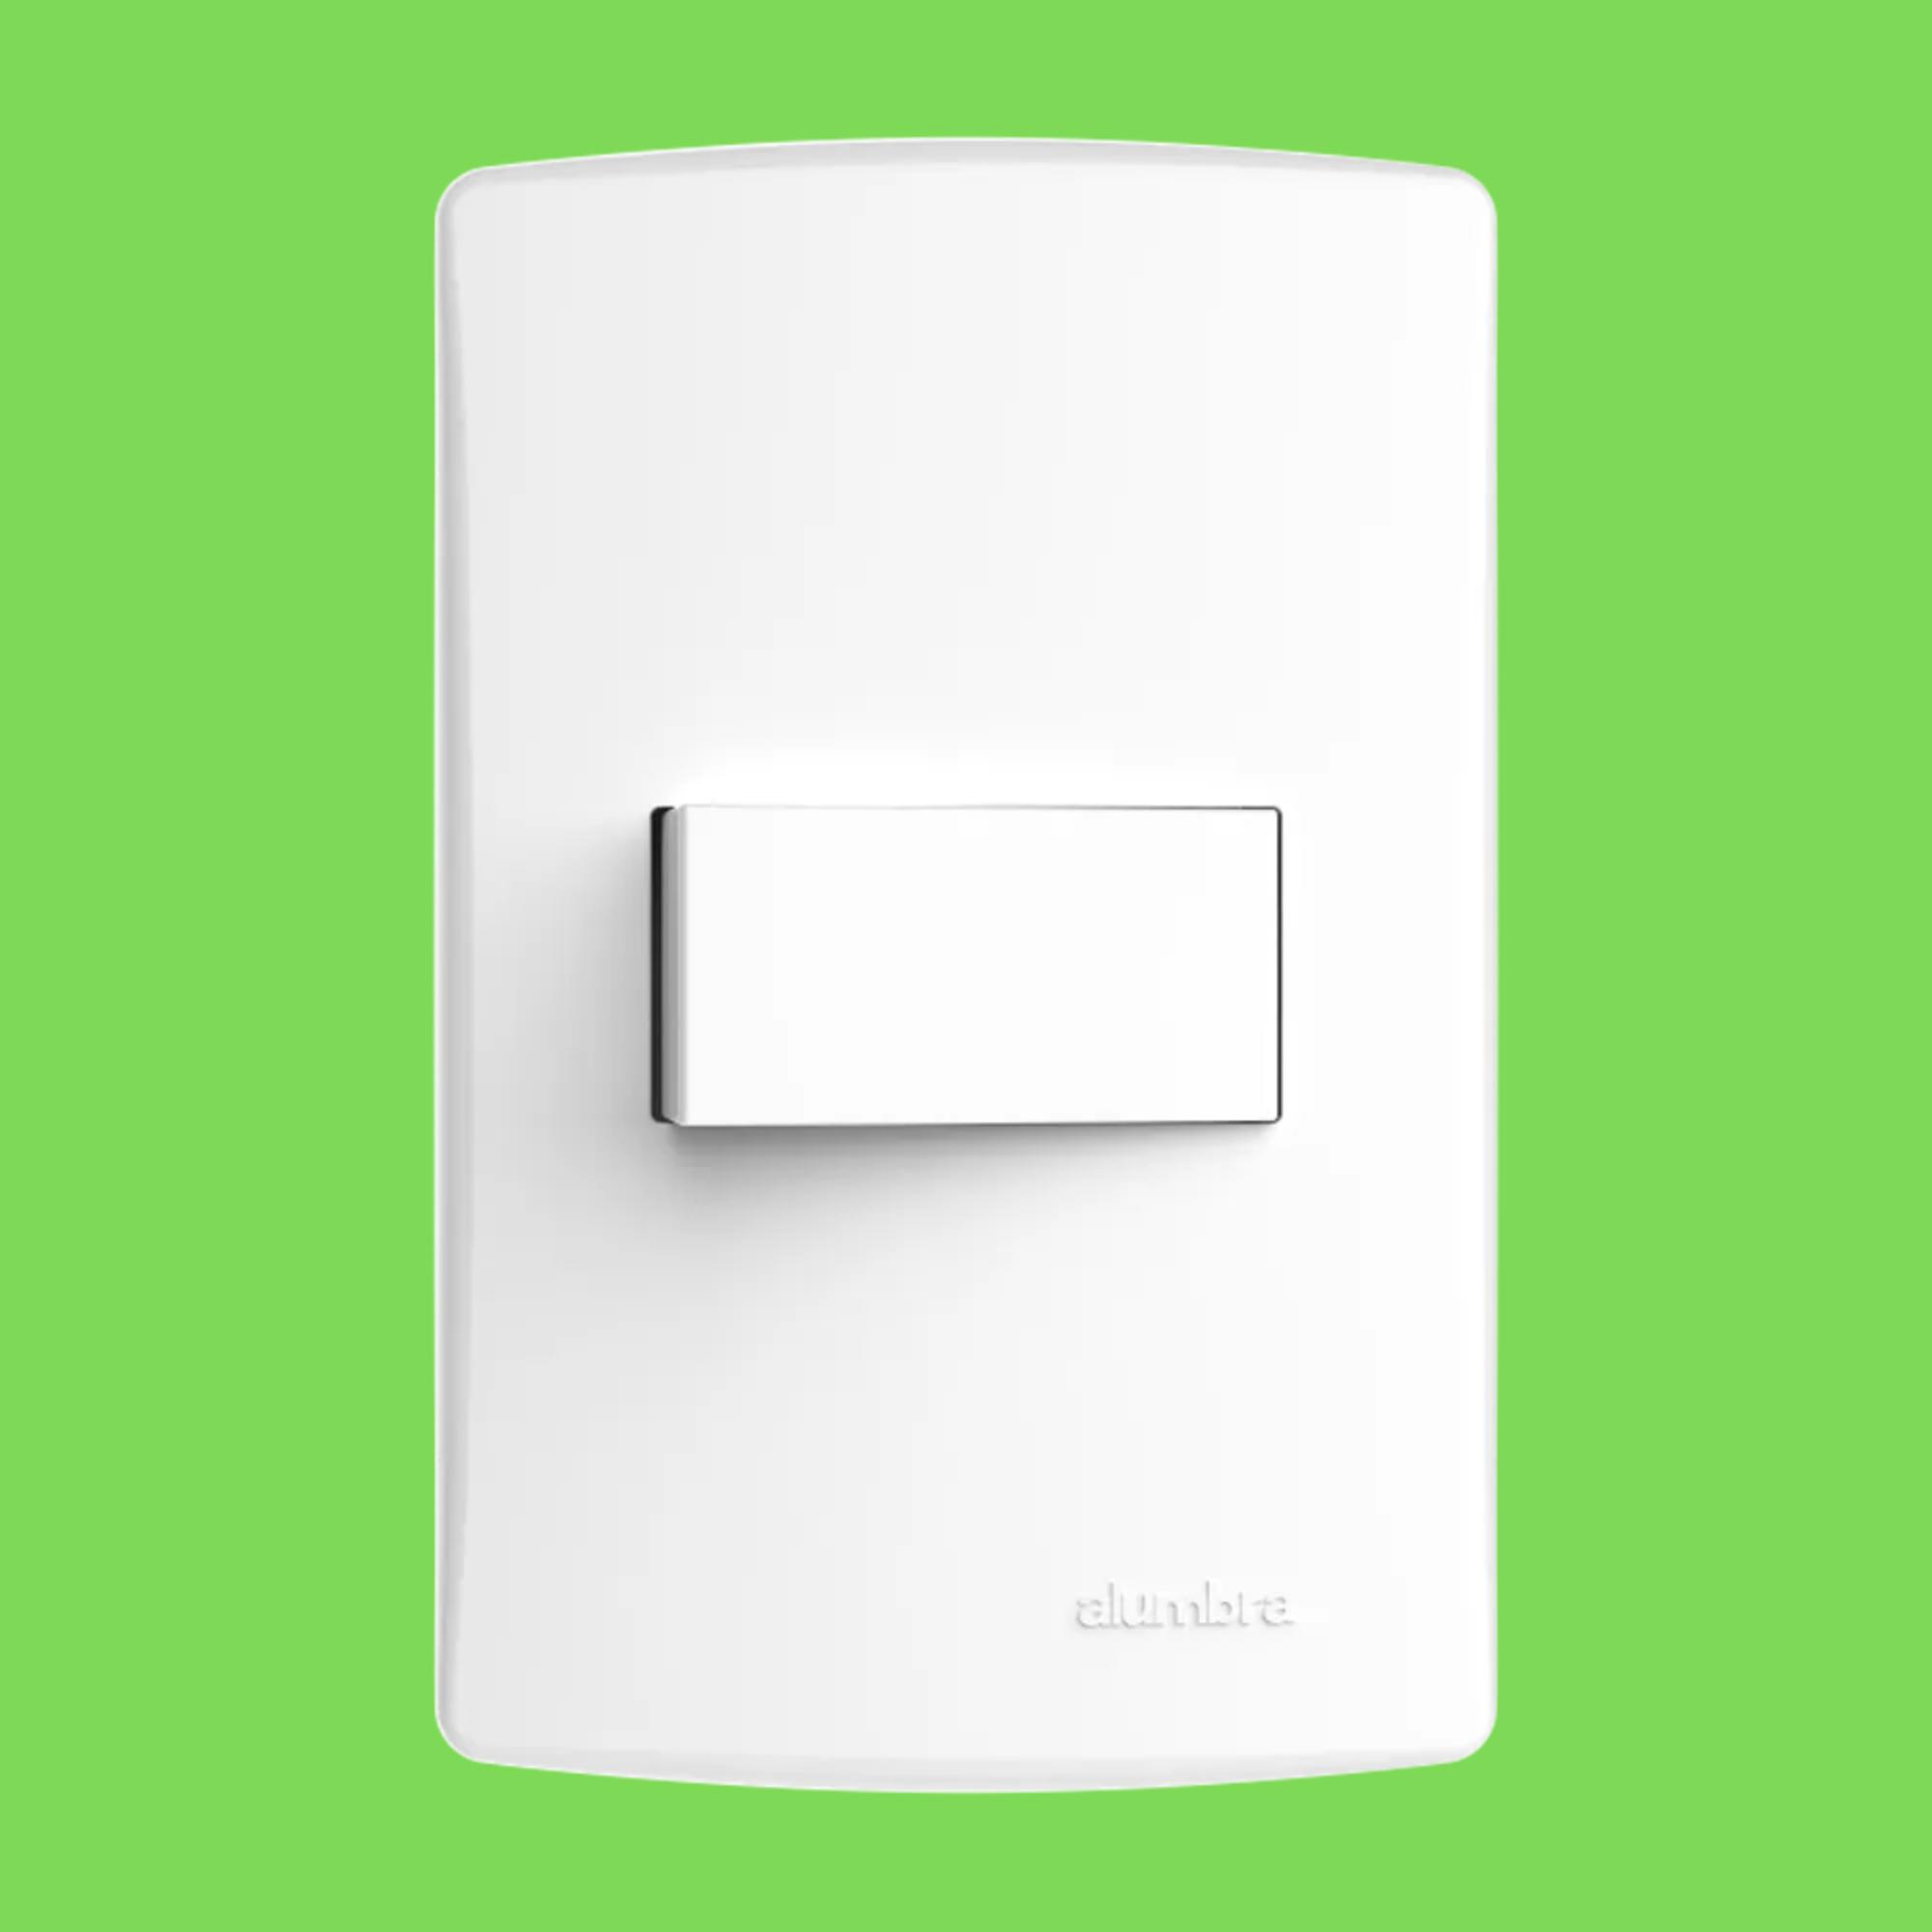 Kit 25 und Alumbra Bianco Pró 1 Seção de Interruptor Simples Com Placa